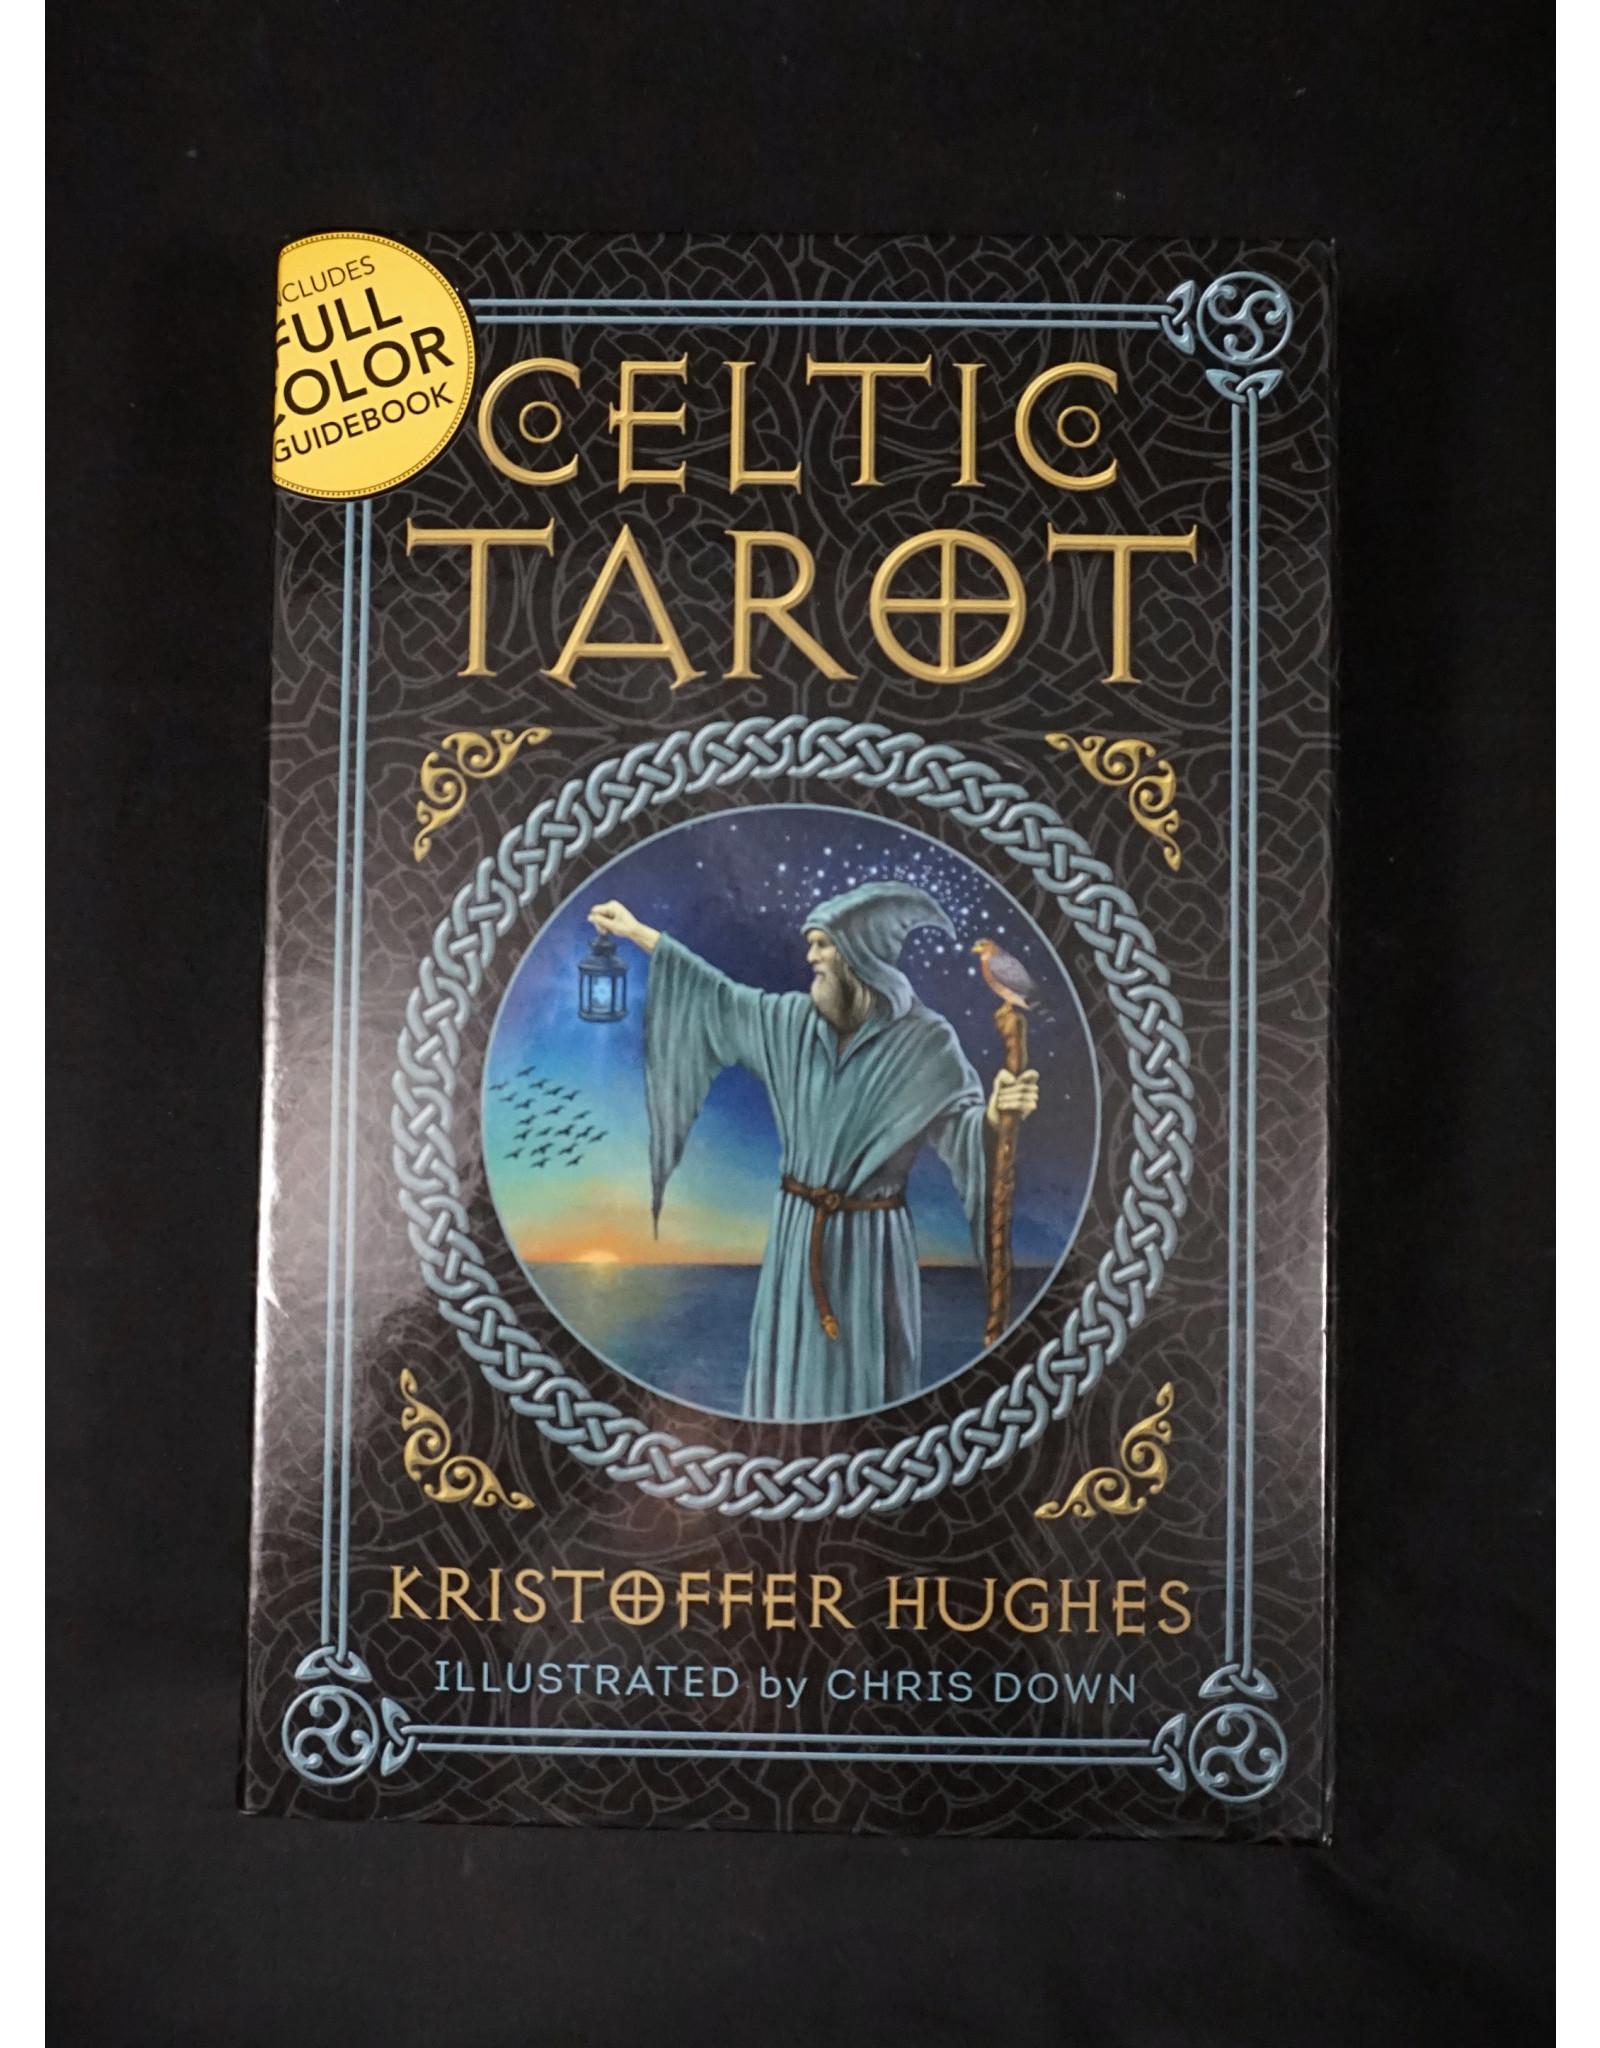 Celtic Tarot by Kristoffer Hughes